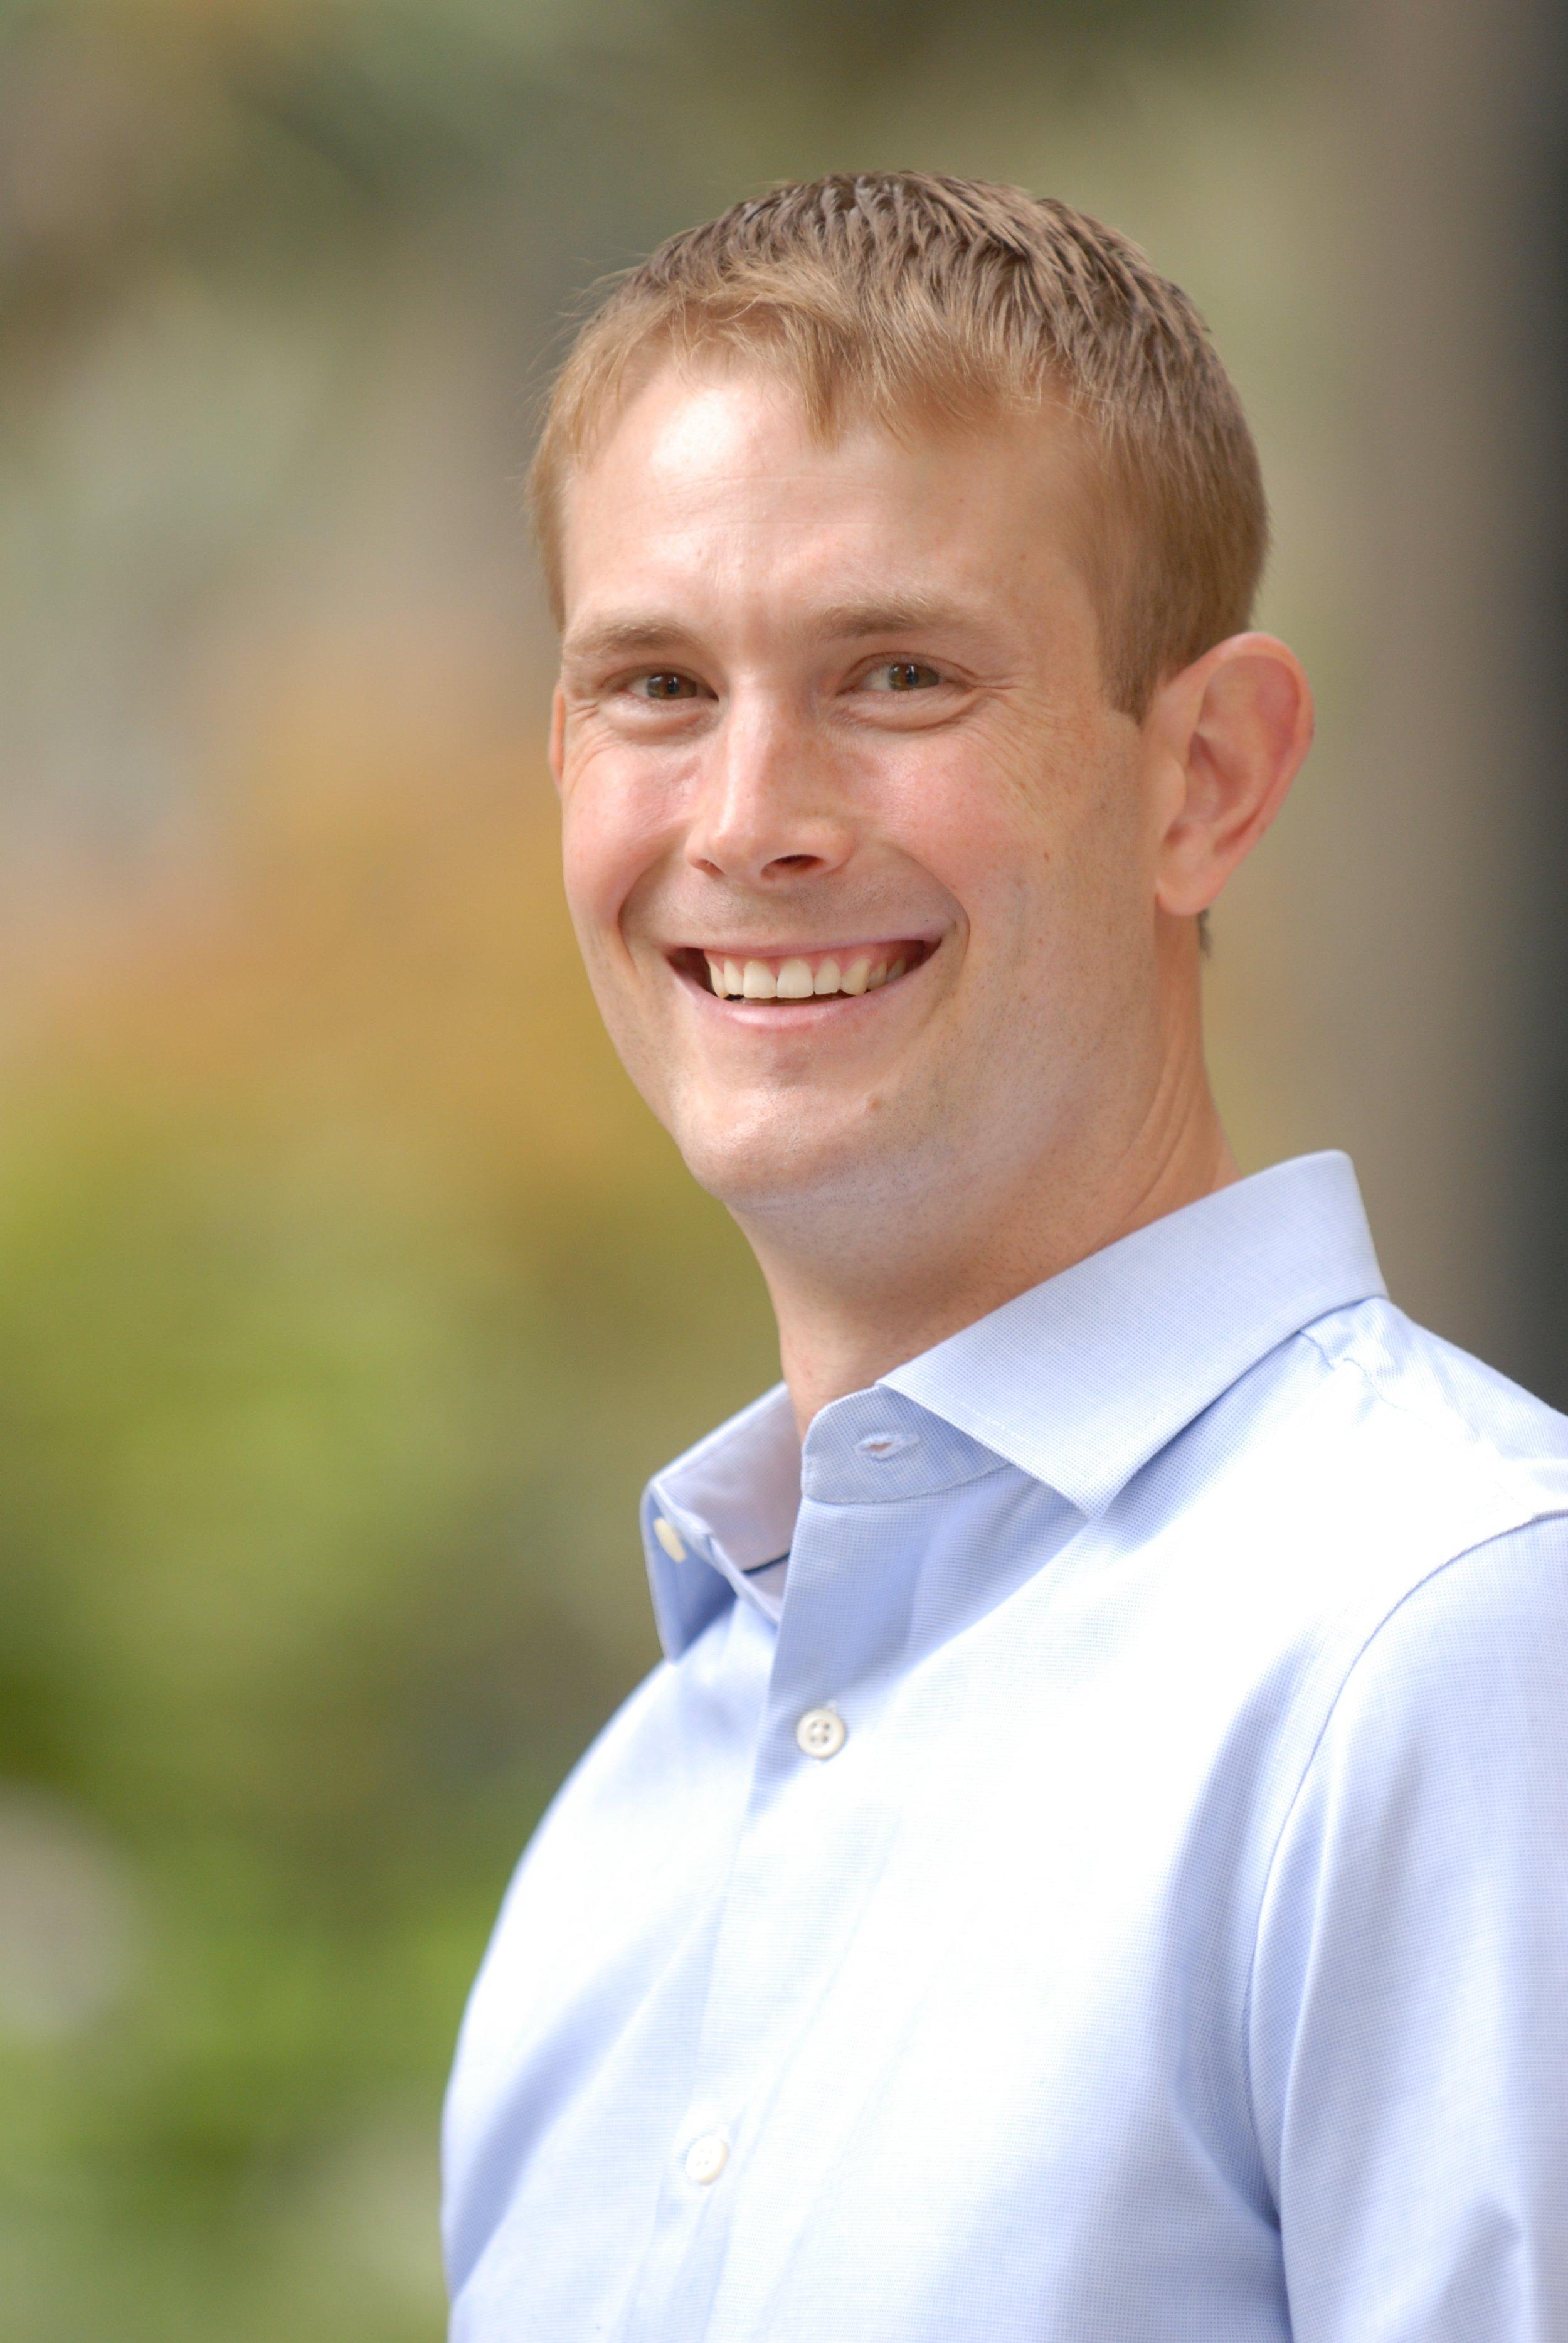 PROFESSOR: Ben Graham - DEPARTMENT: International RelationsFACULTY PAGE: link RATE MY PROFESSOR: